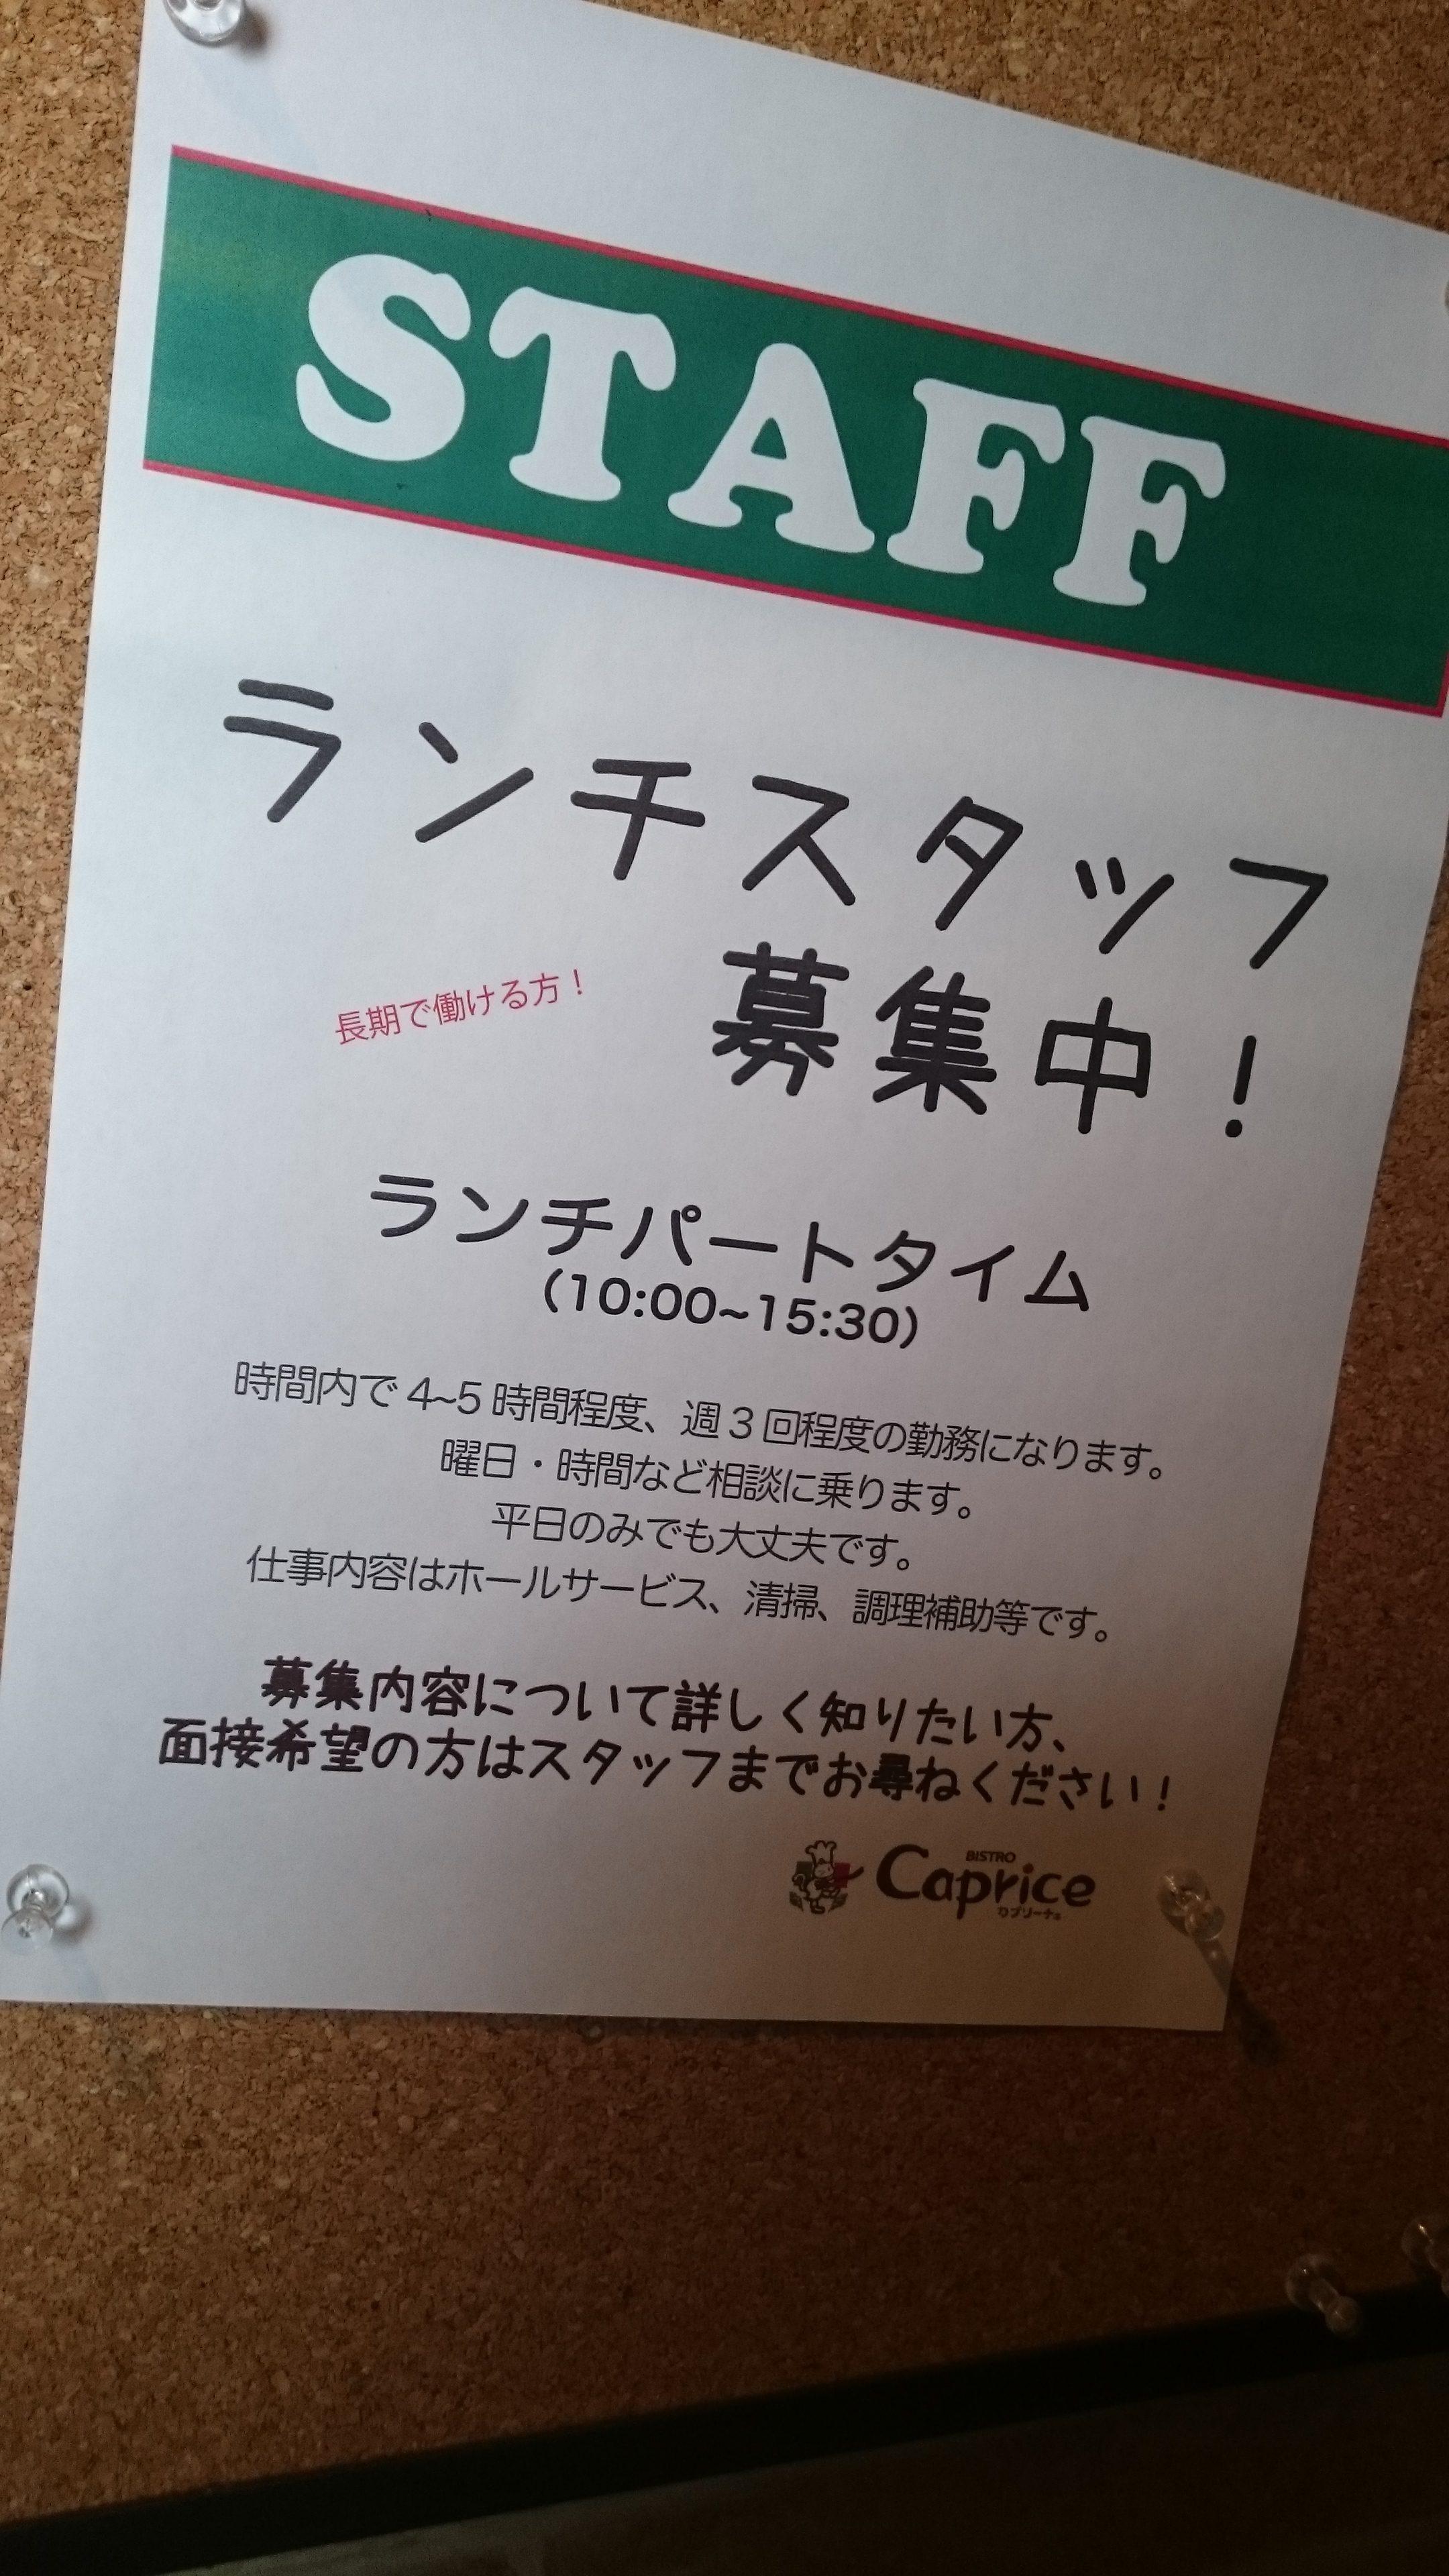 ランチスタッフ募集中!!